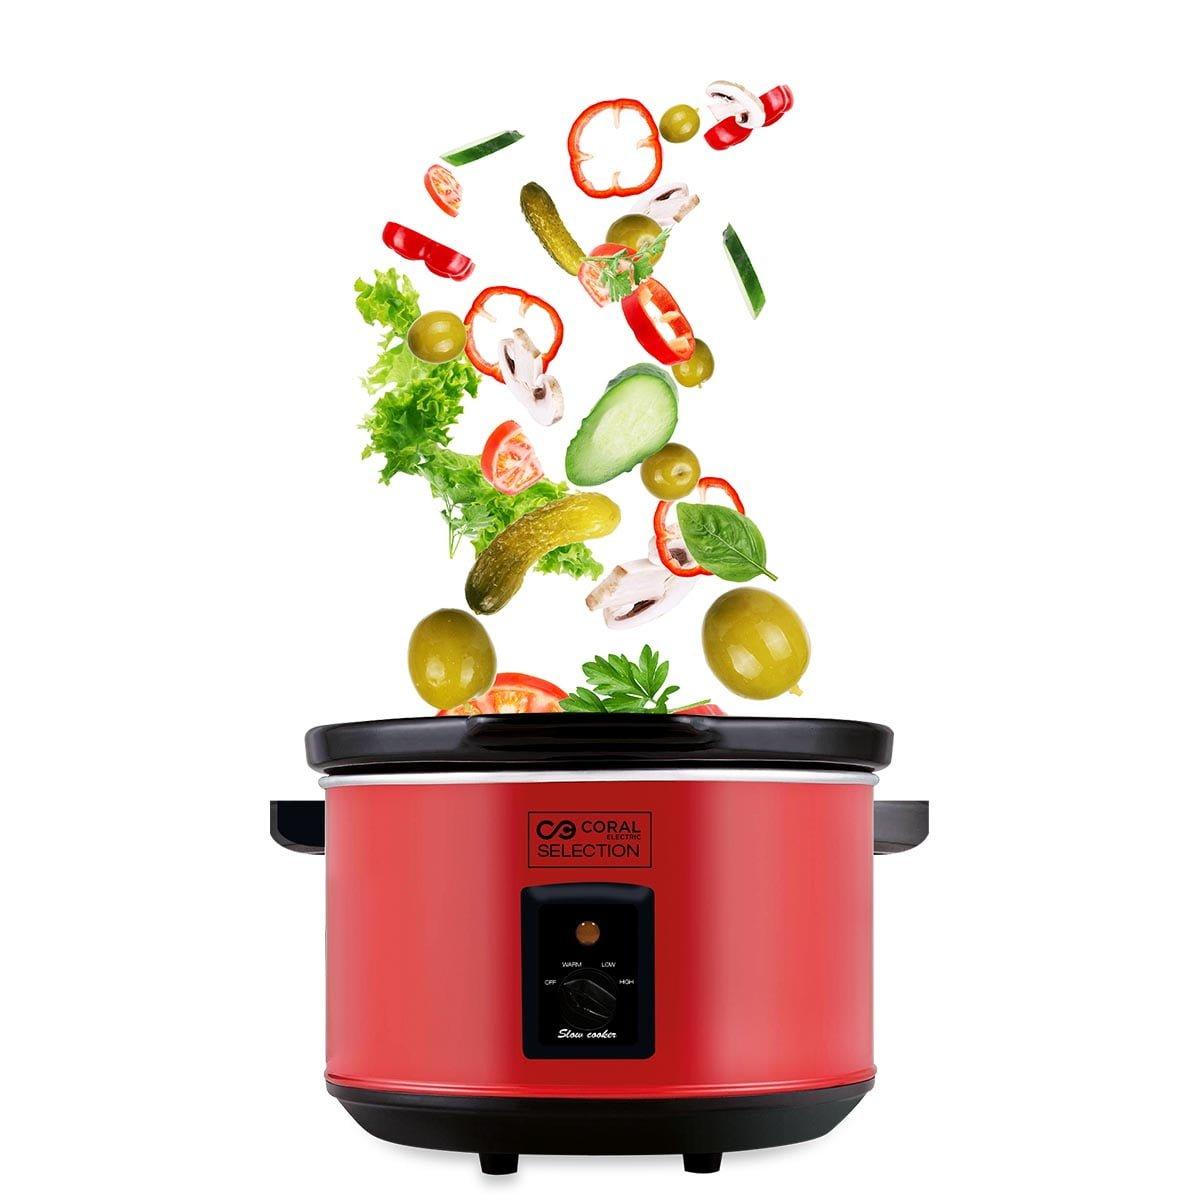 Aparat za sporo kuvanje 5,5 l - Super Krčko SC-350 Selection